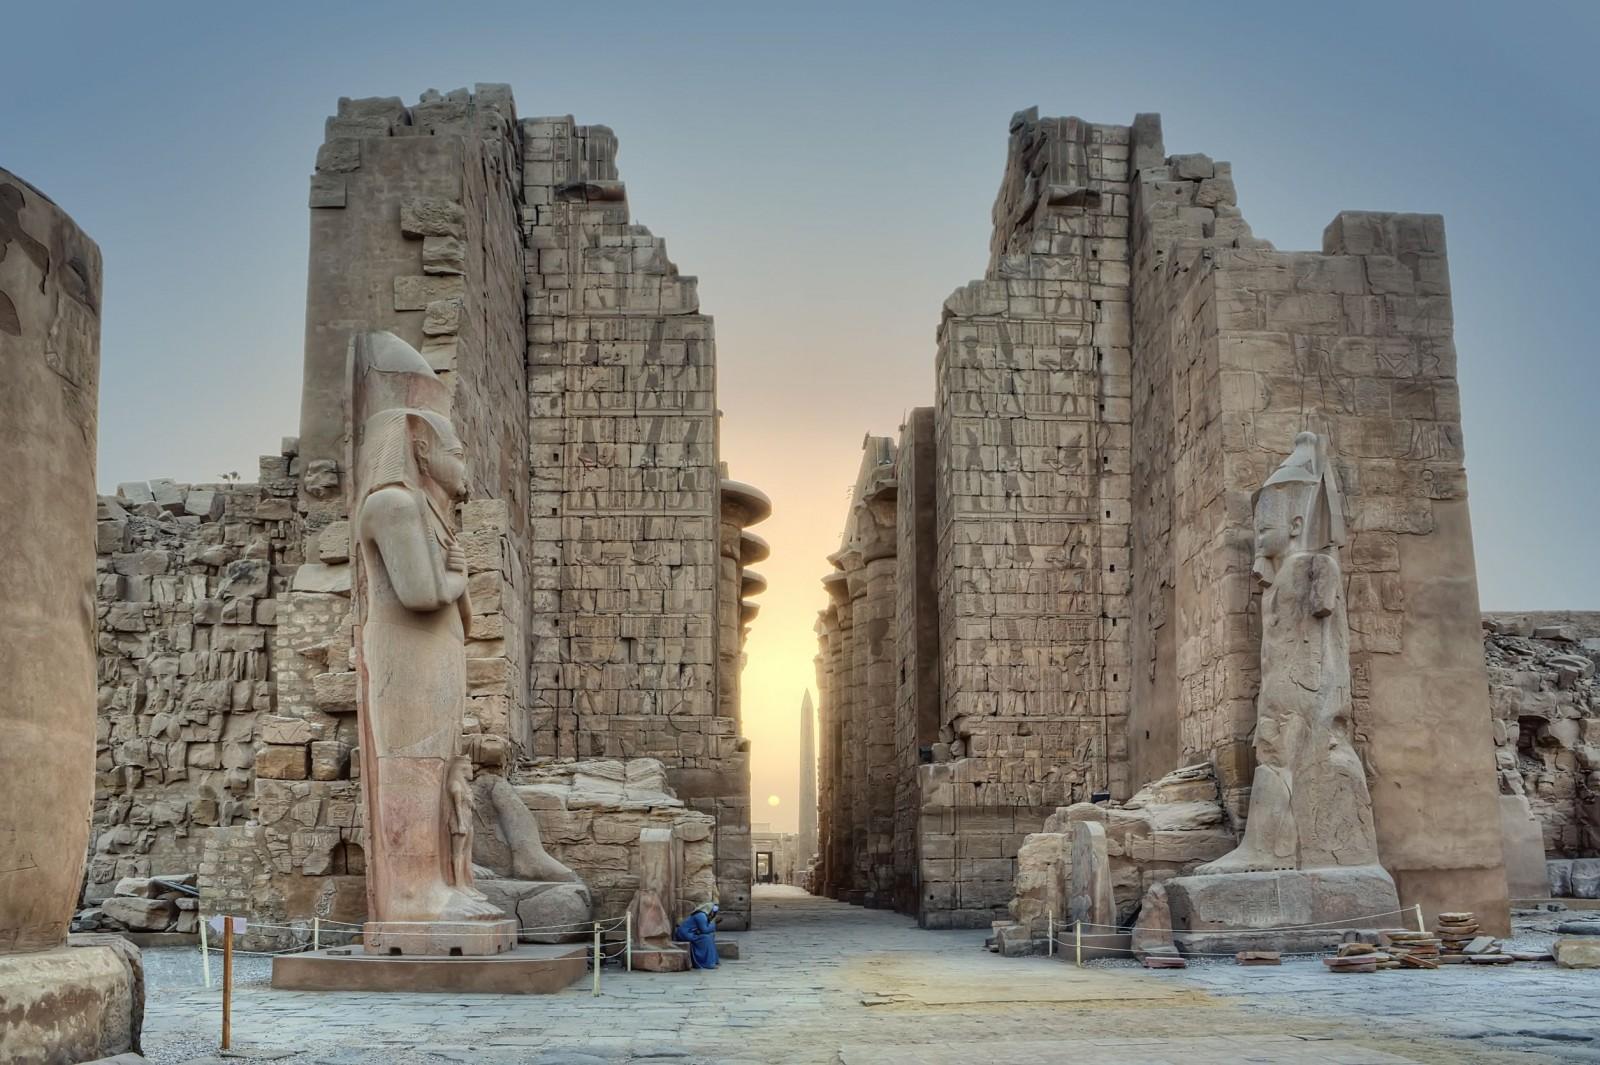 sunrise-in-karnak-temple-luxor-egypt